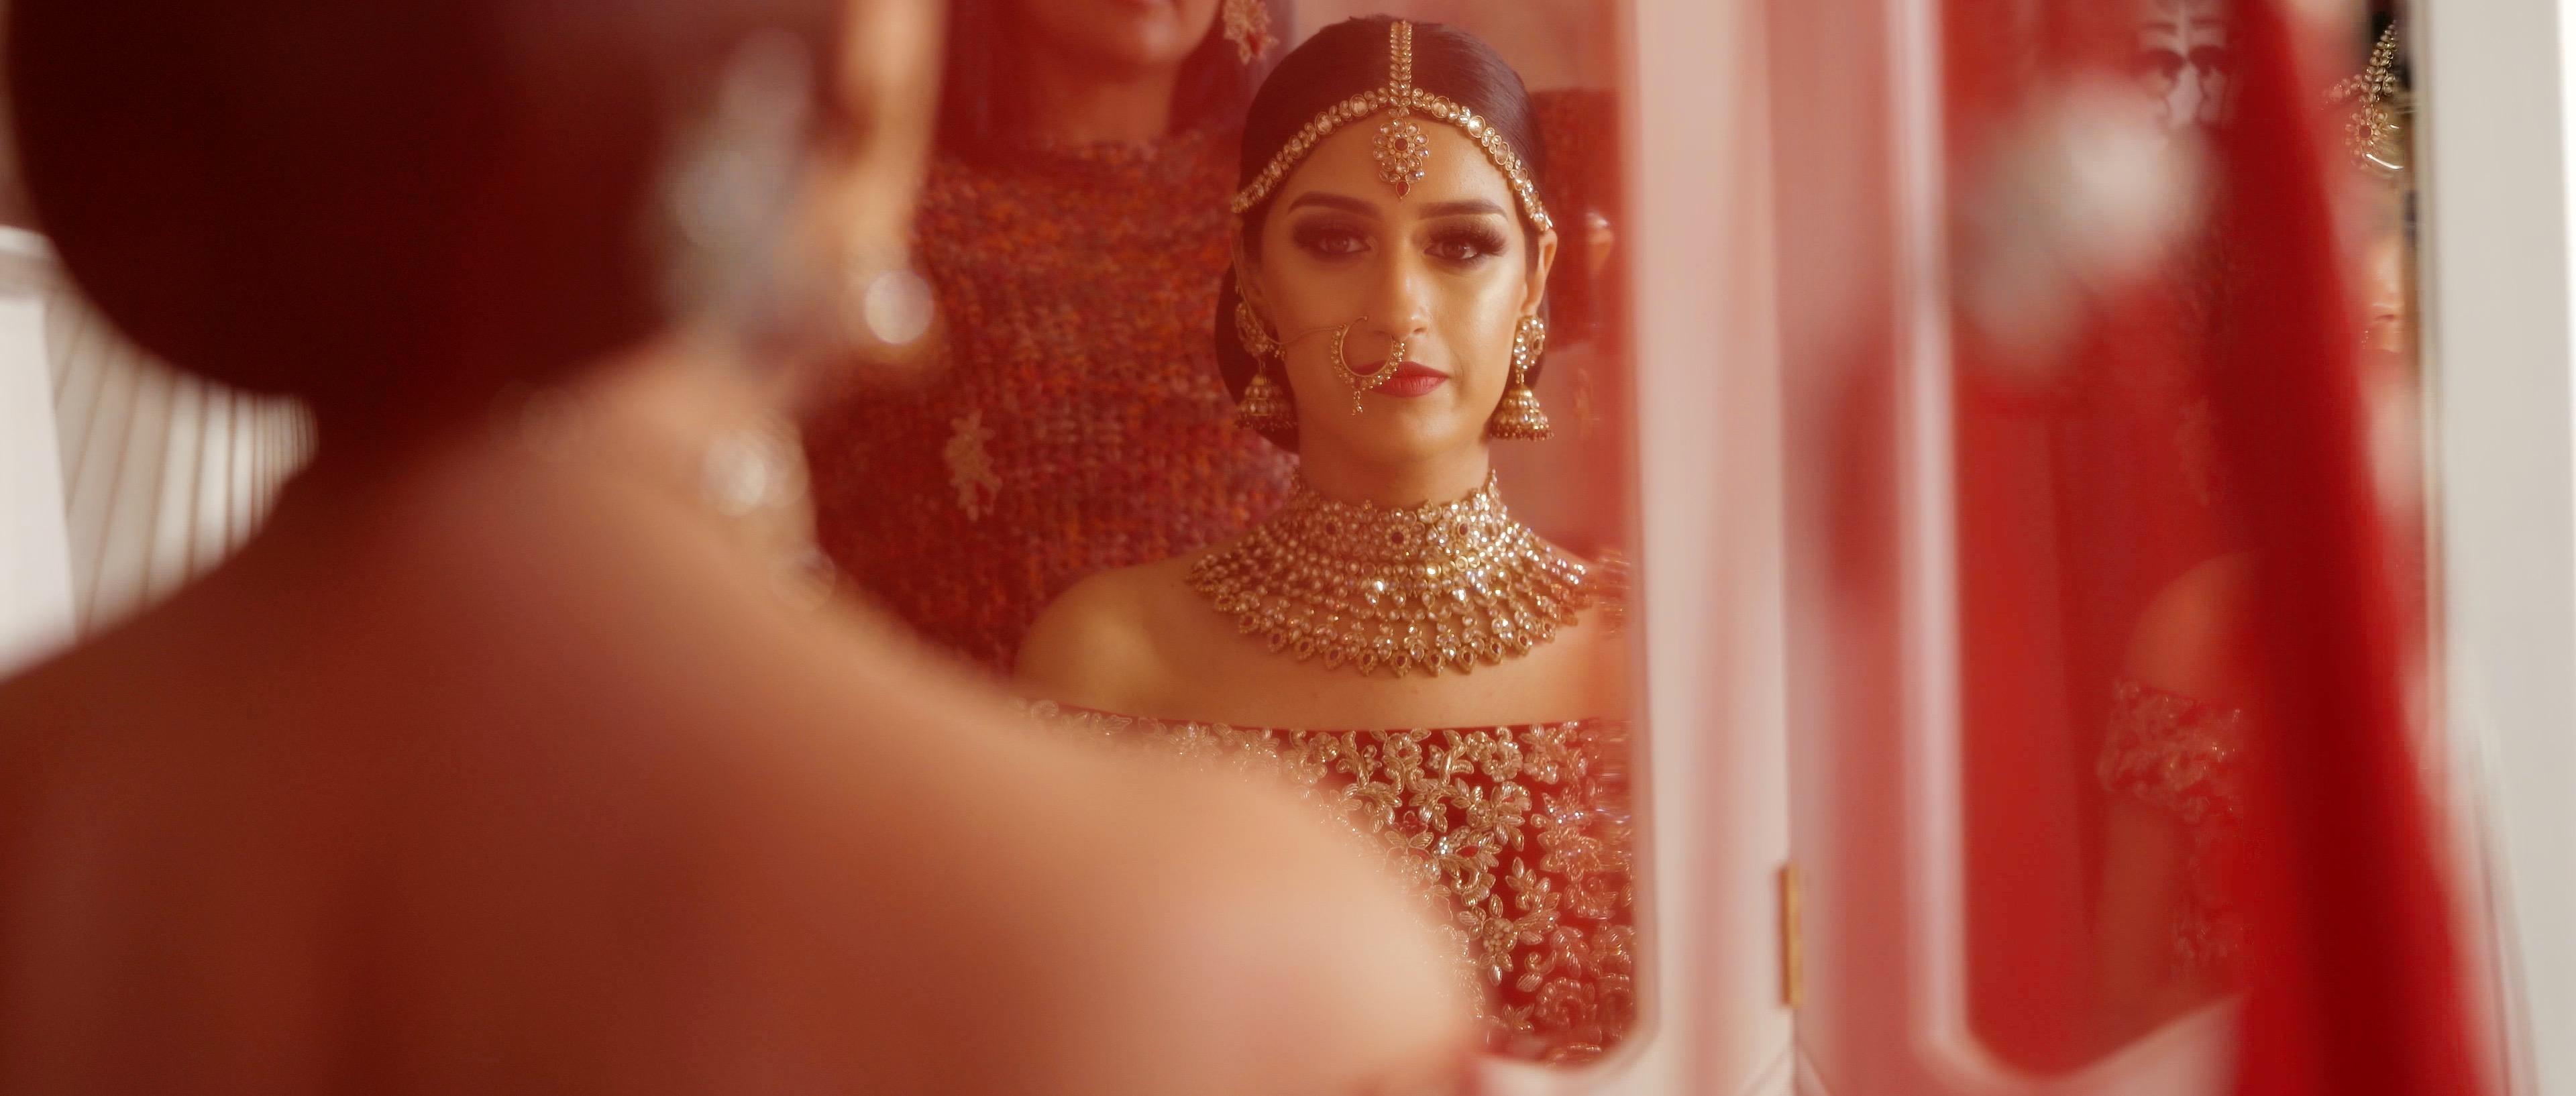 indian bride wedding chateau impney